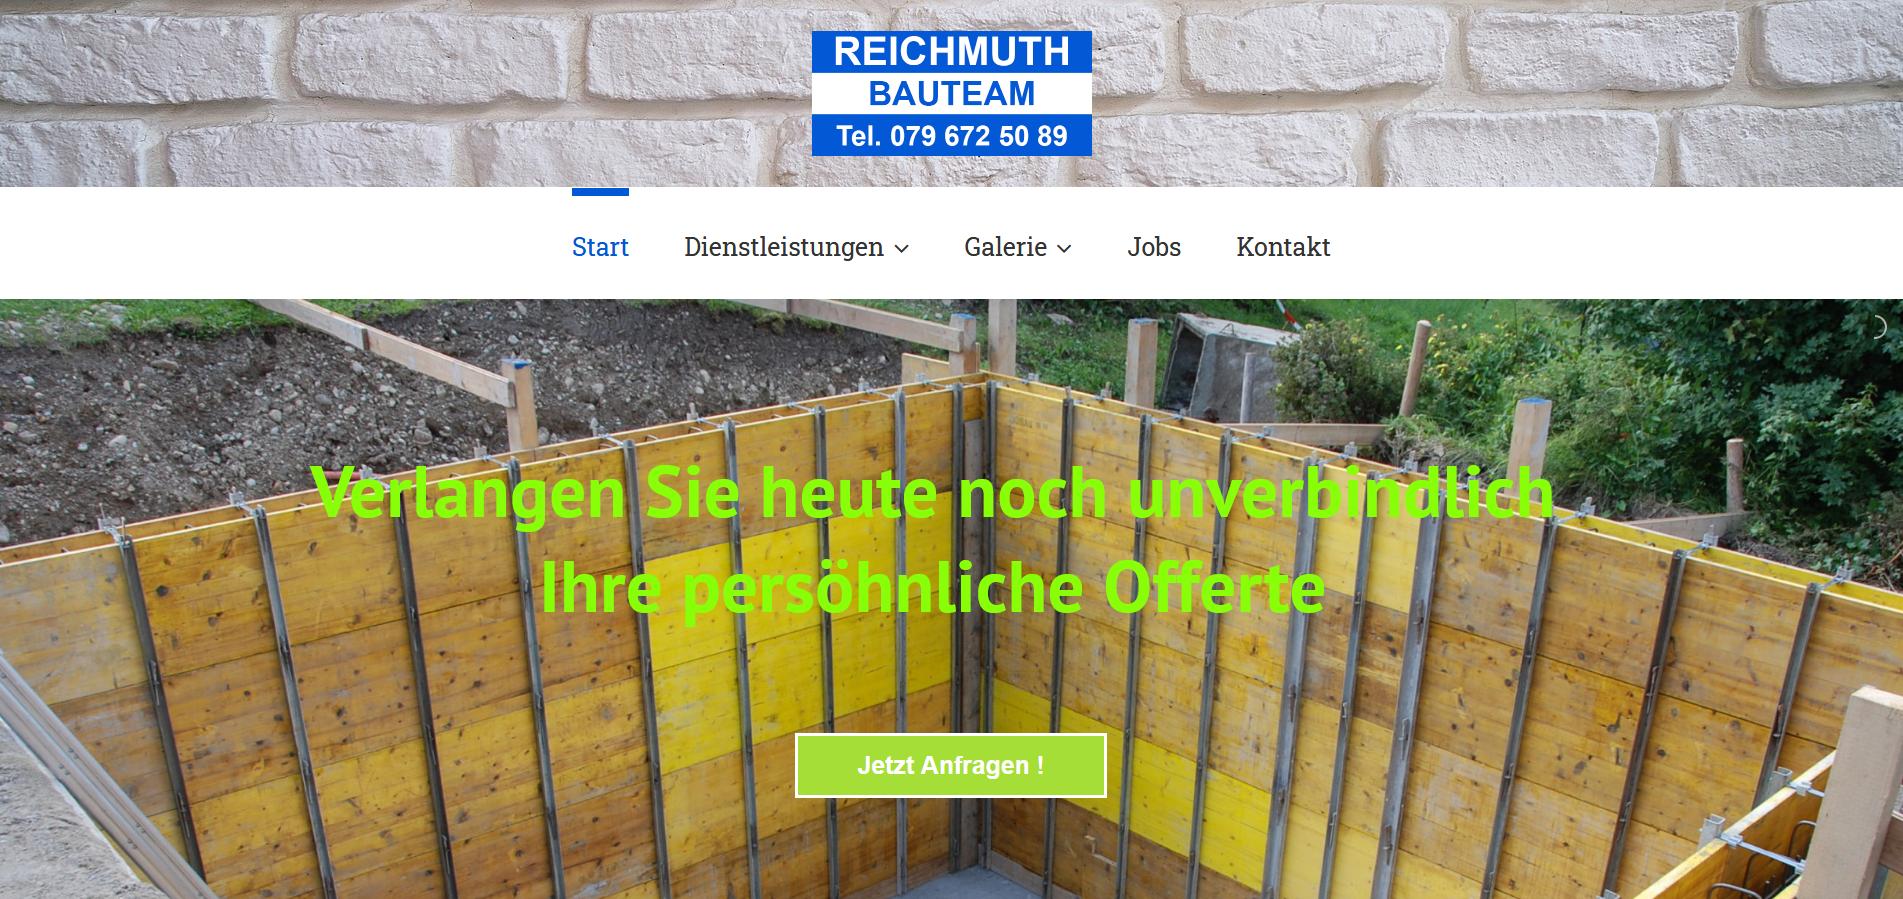 reichmuth-bauteam.ch